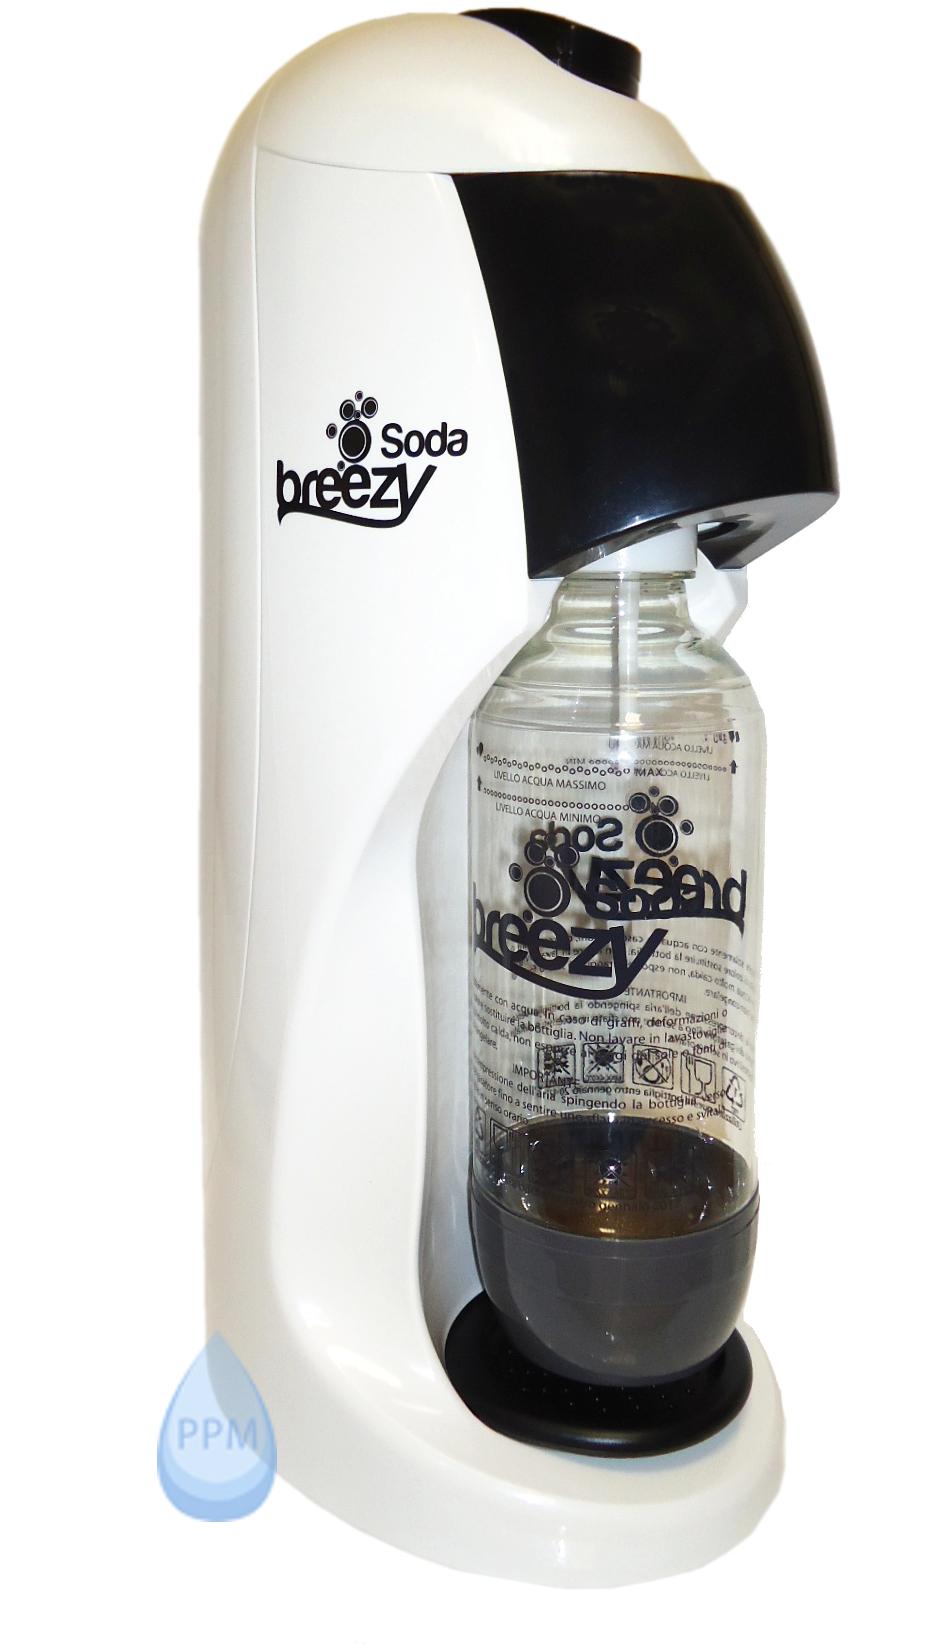 GASATORE ACQUA SODA BREEZY - COMPLETO DI RICARICA CO2 DA 450 GR ACQUA FRIZZANTE  eBay